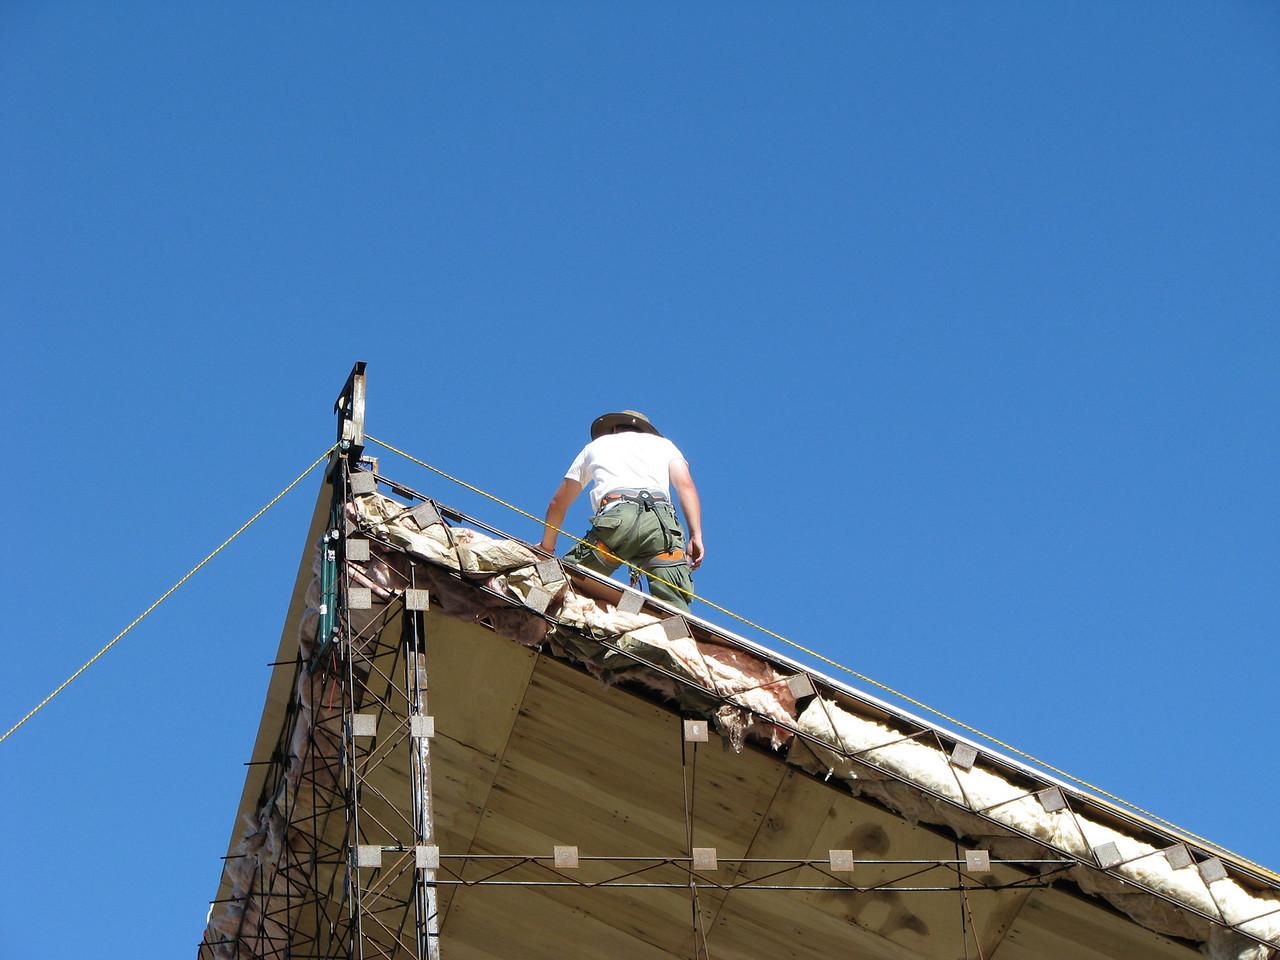 Lances_Roof-125